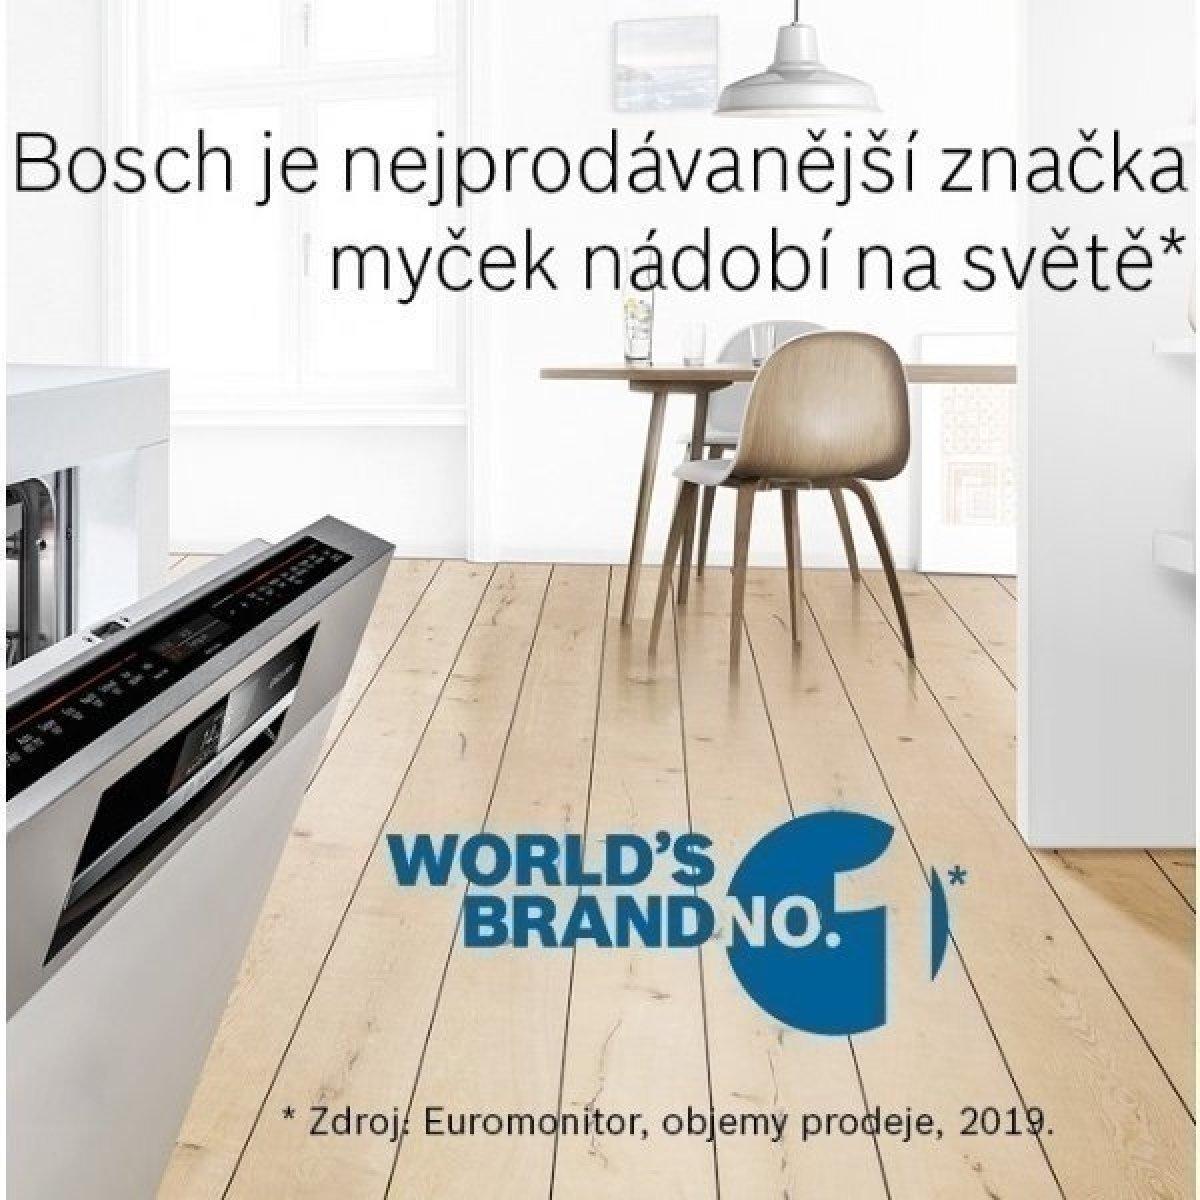 Bosch patří mezi nejprodávanější značky myček nádobí na světě